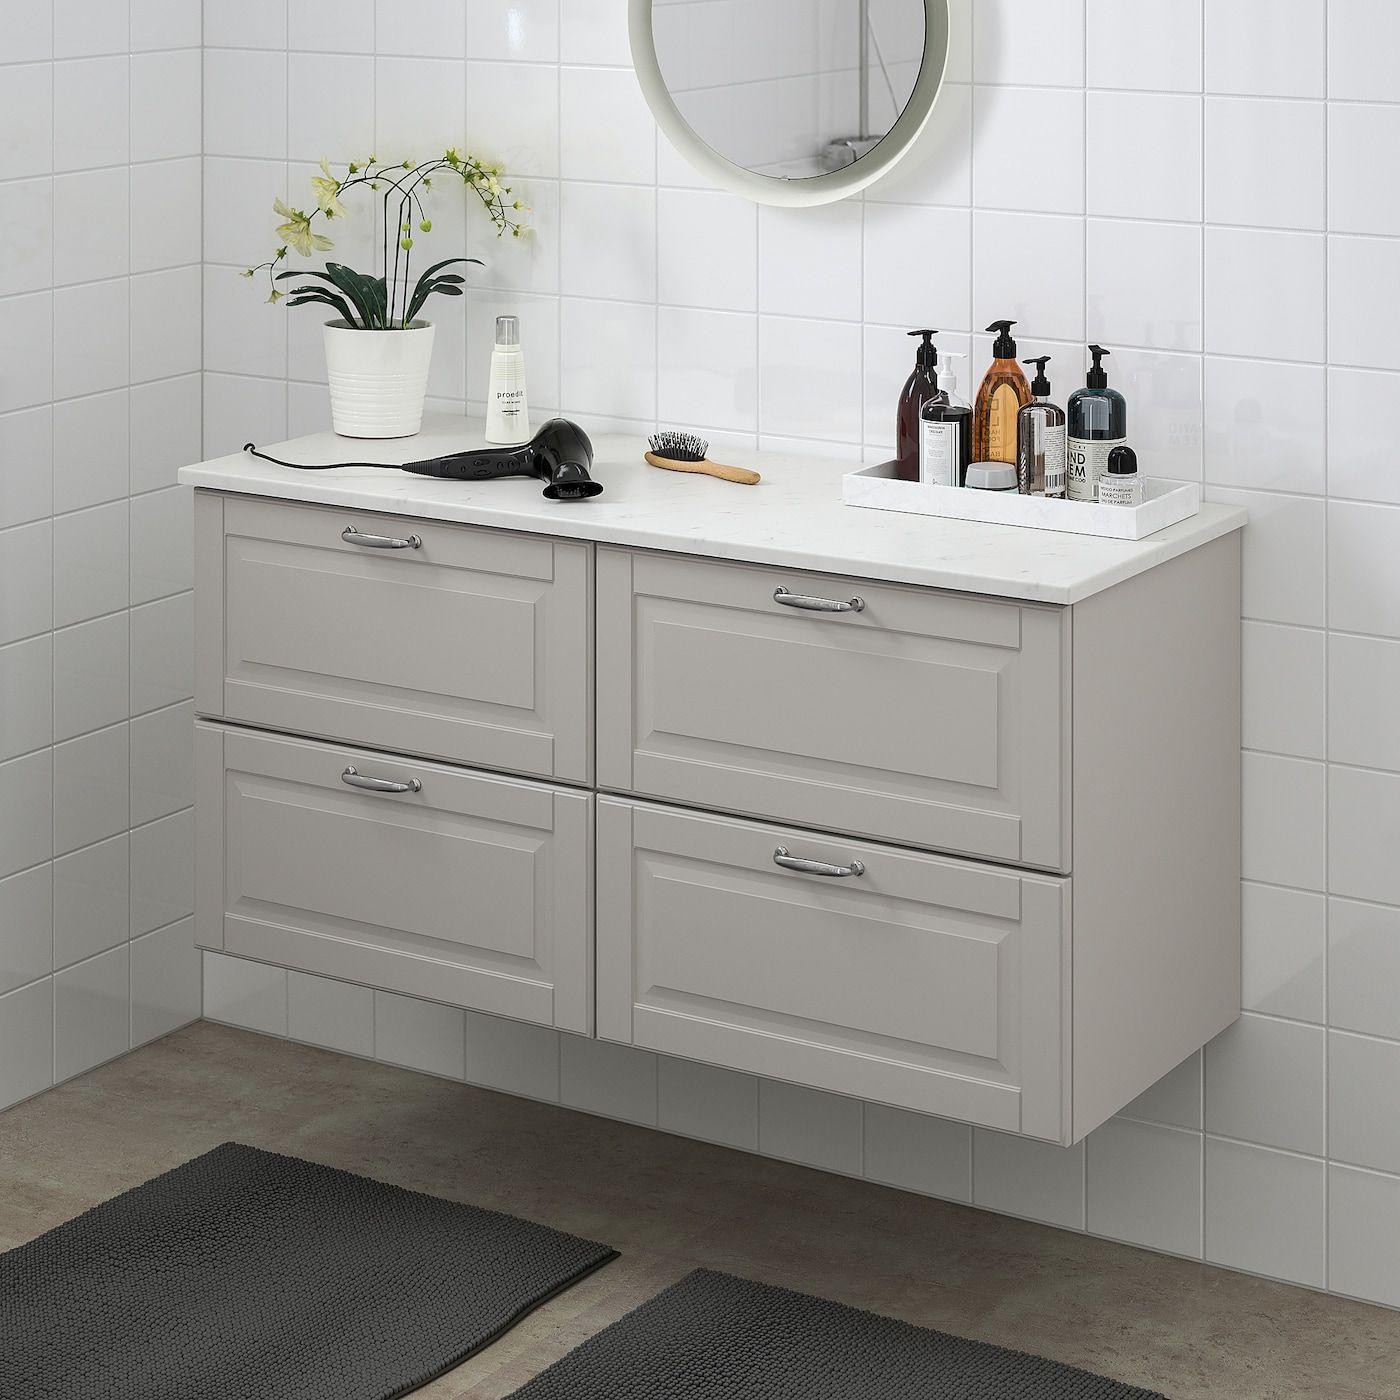 Ikea Godmorgon Tolken Bathroom Vanity Kasjon Light Gray